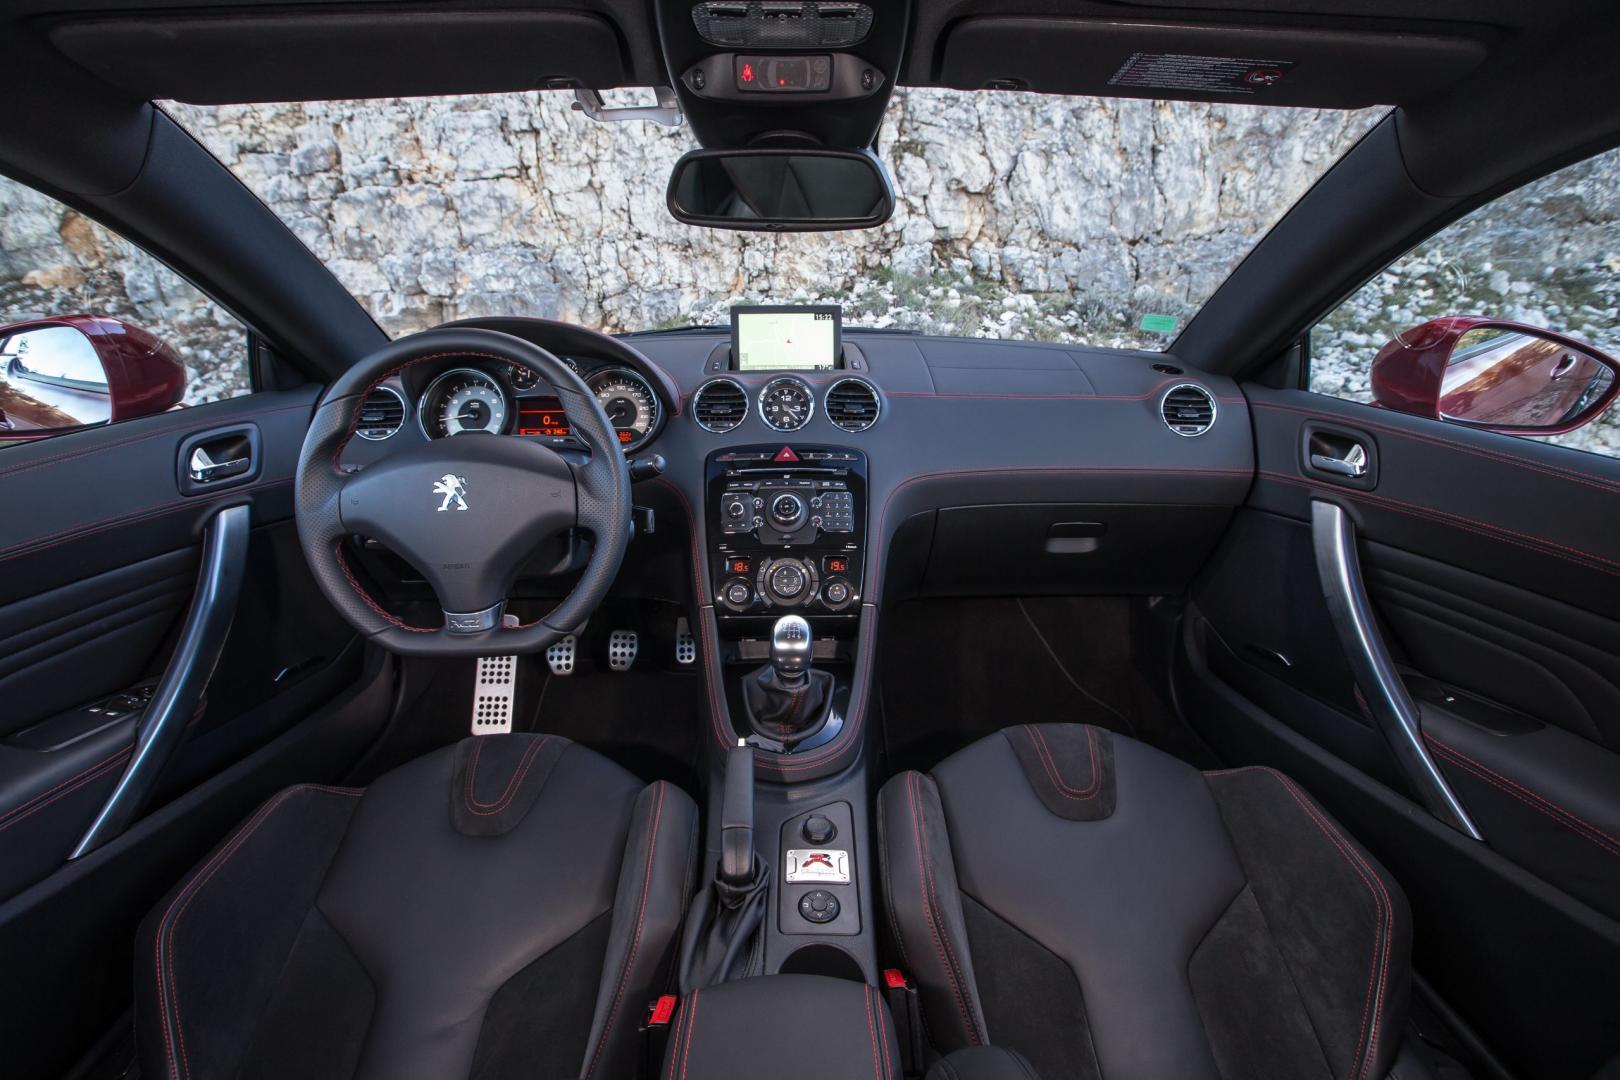 Peugeot RCZ R interieur (2014)